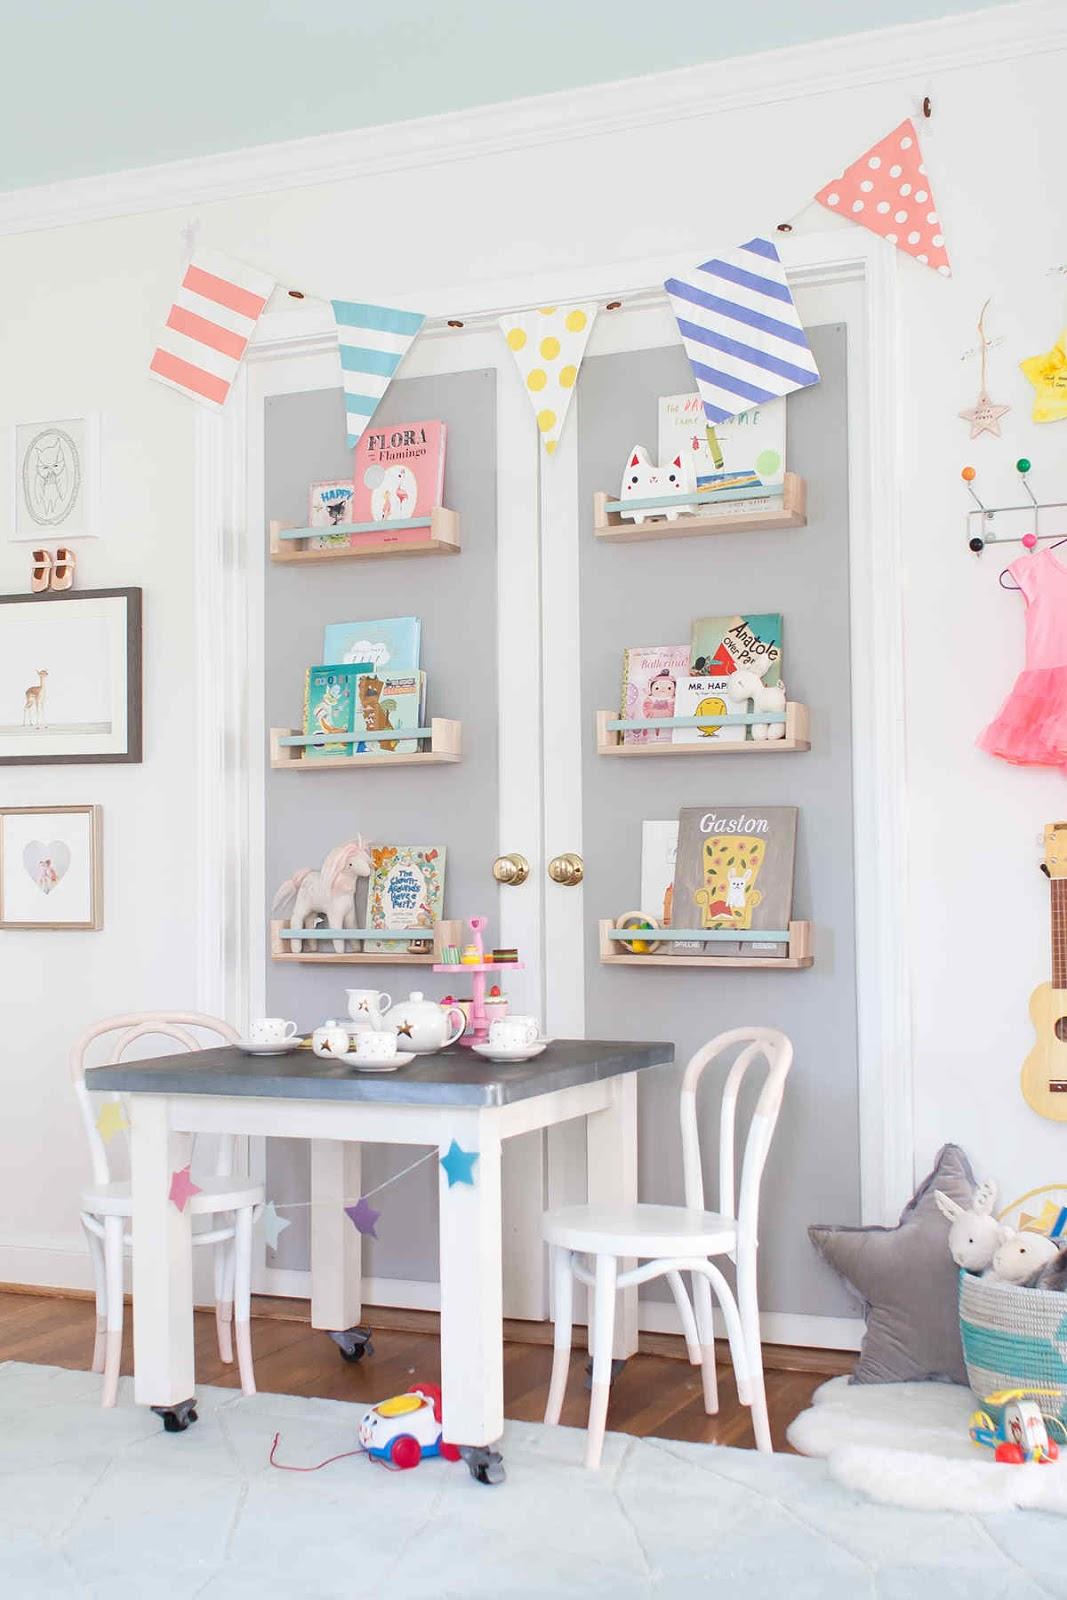 Blog O Niemowl Tach Rodzicielstwie Oraz Designie Dla Dzieci Pastelowy Pok J Dzieci Cy